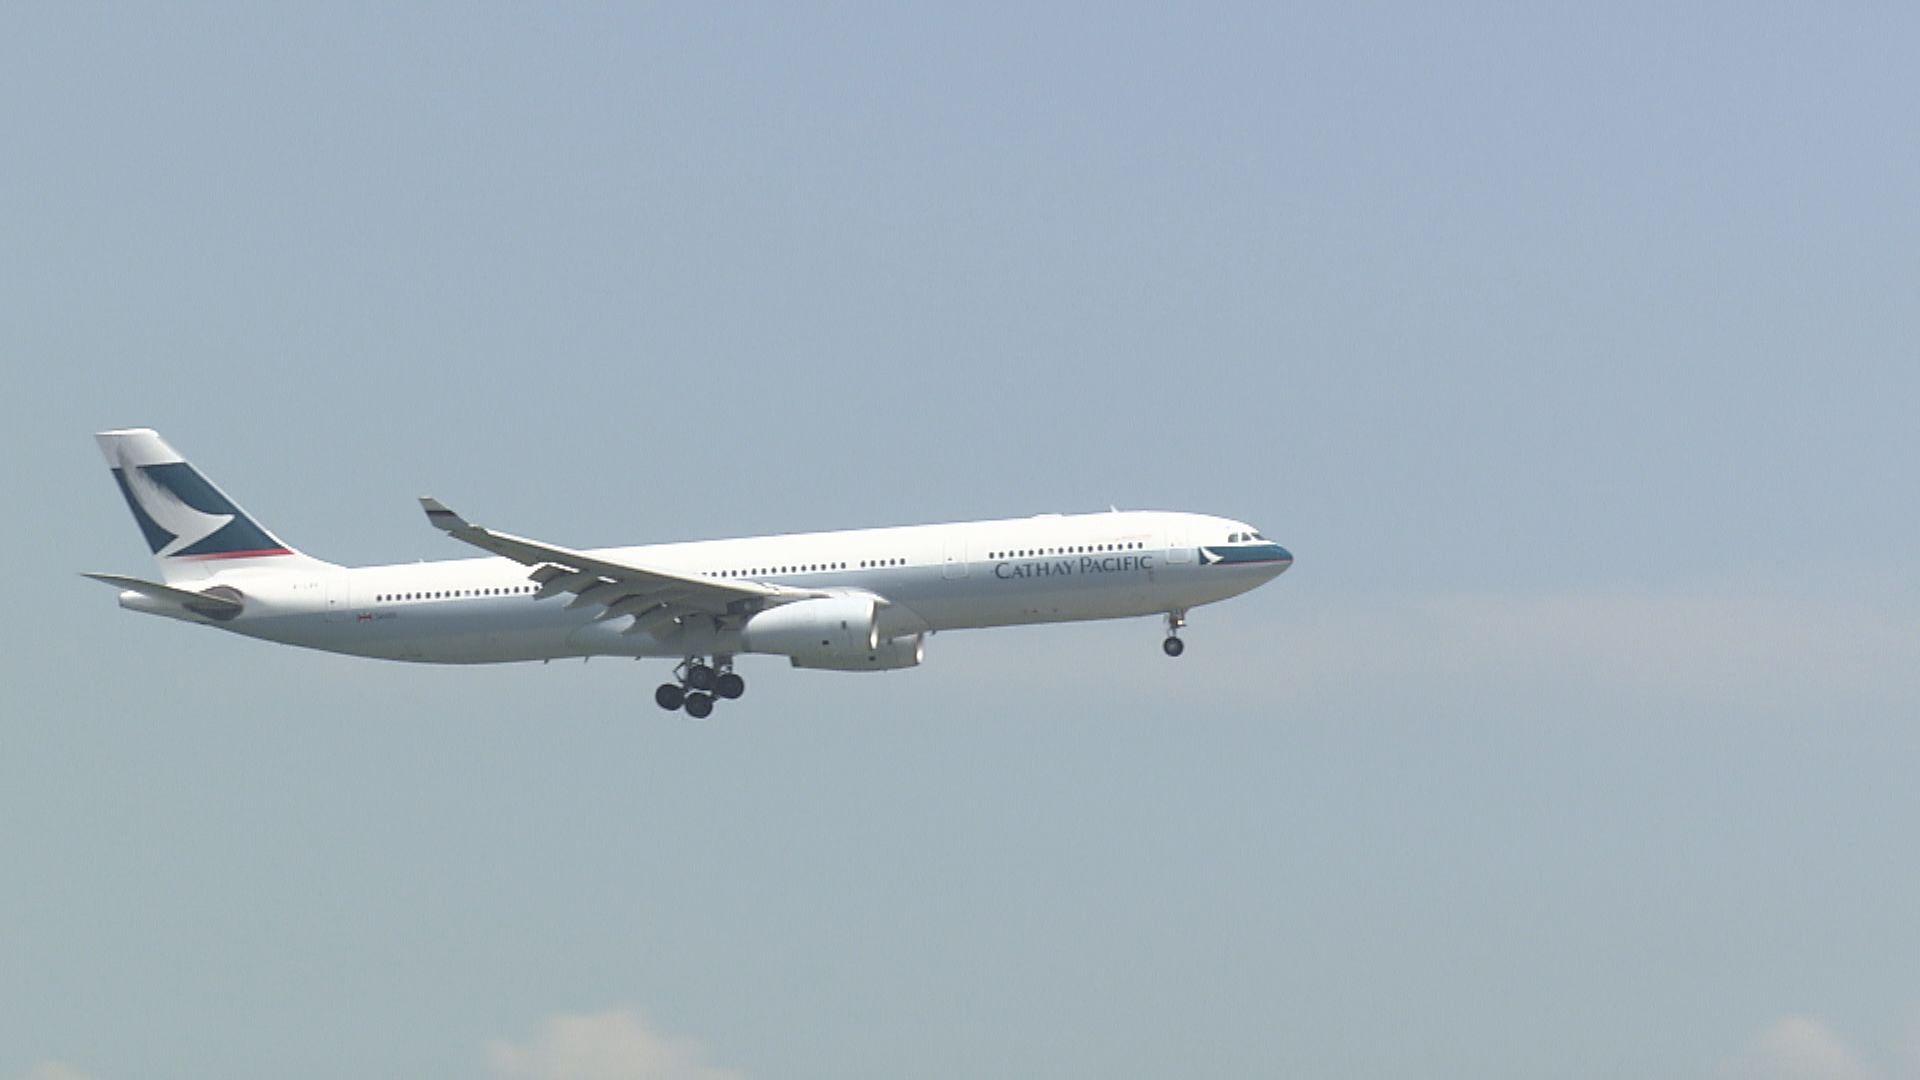 國泰航空馬尼拉來港和塔新航班孟買來港航班禁飛十四天